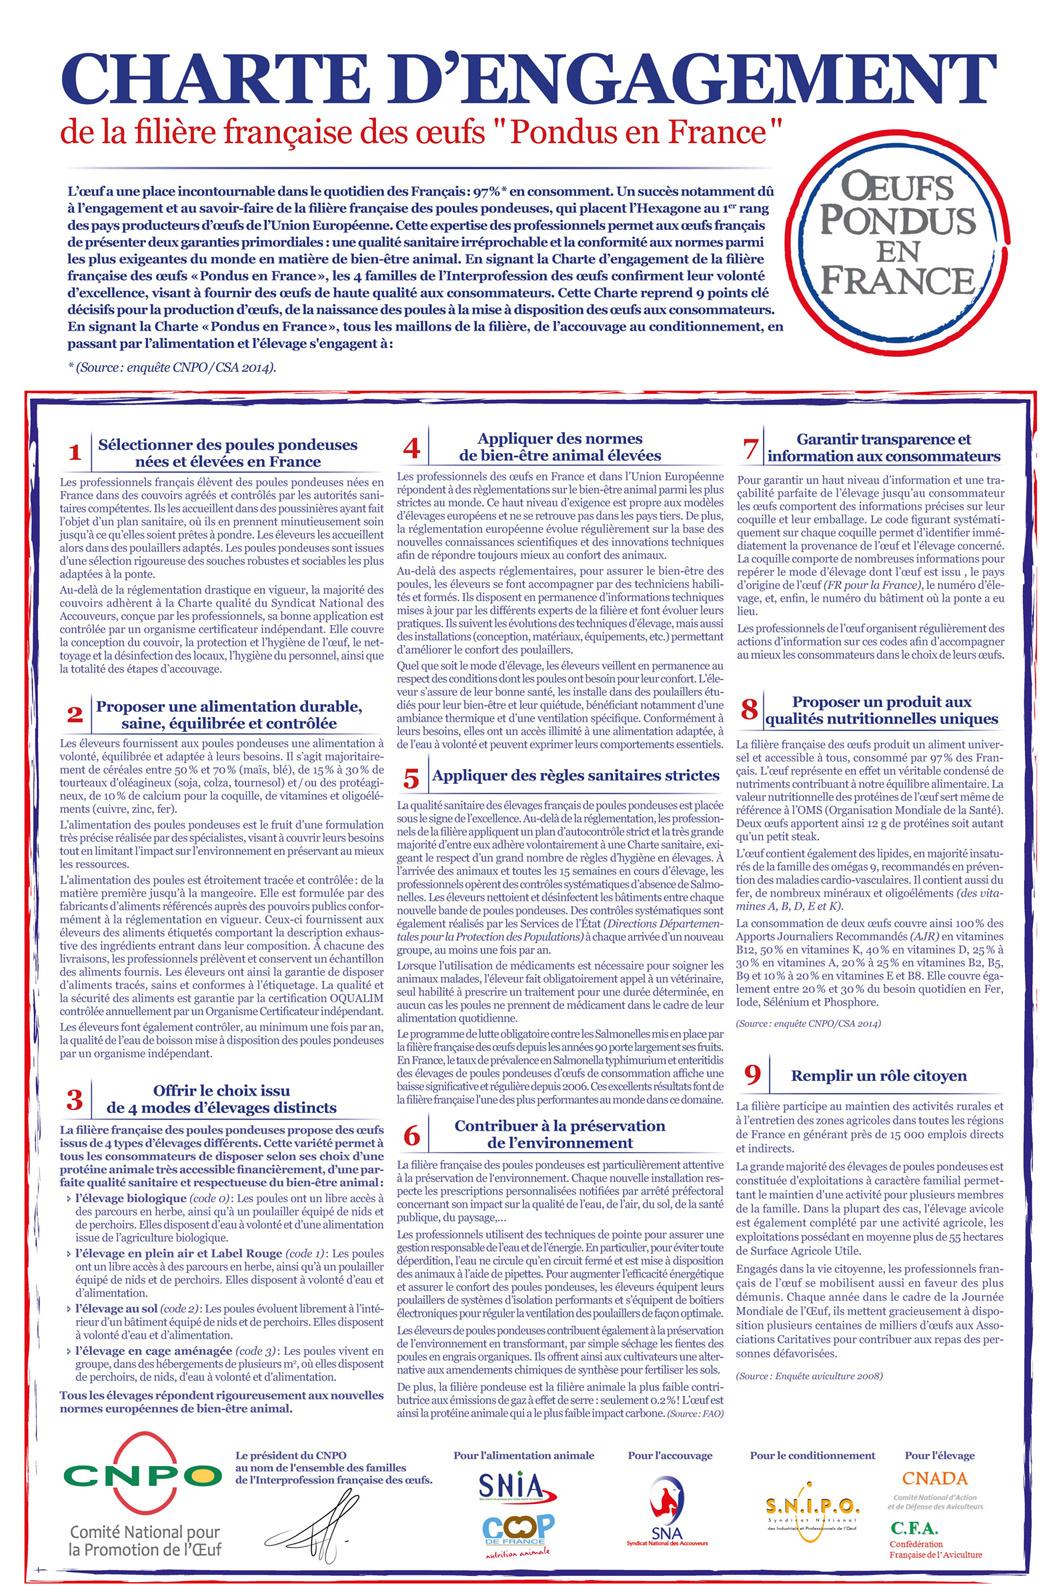 Journée Mondiale de l'Oeuf : La filière française des œufs lance la Charte d'Engagement - Pondus en France